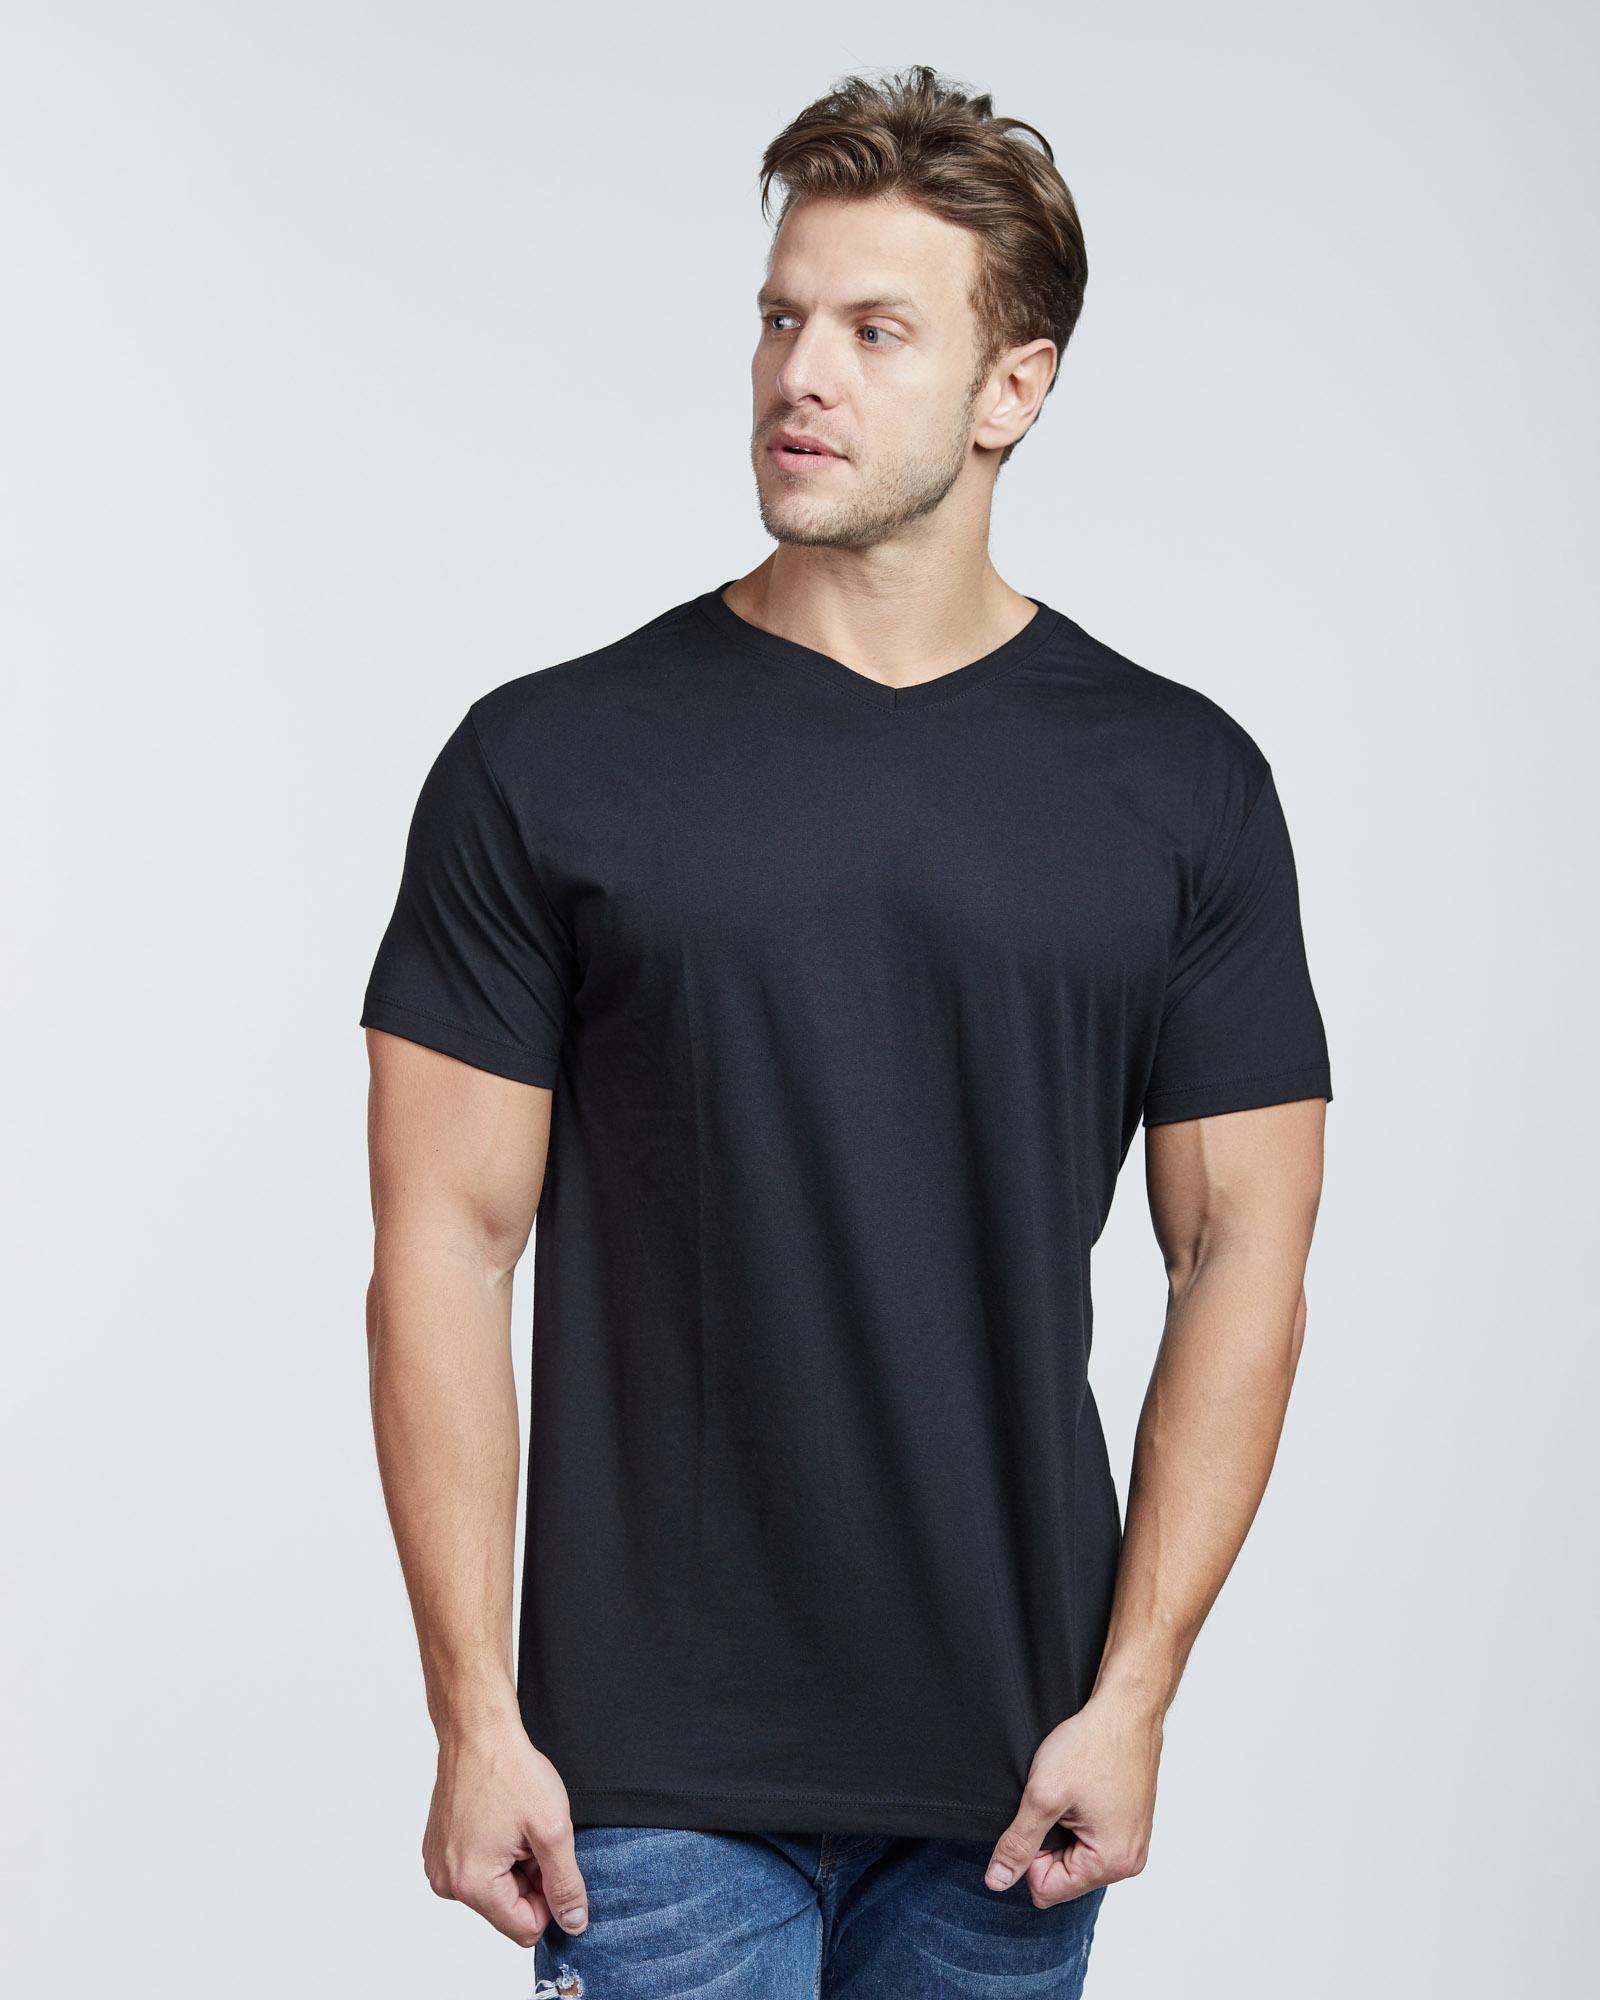 Camiseta Gola V Algodão Orgânico Evolvee